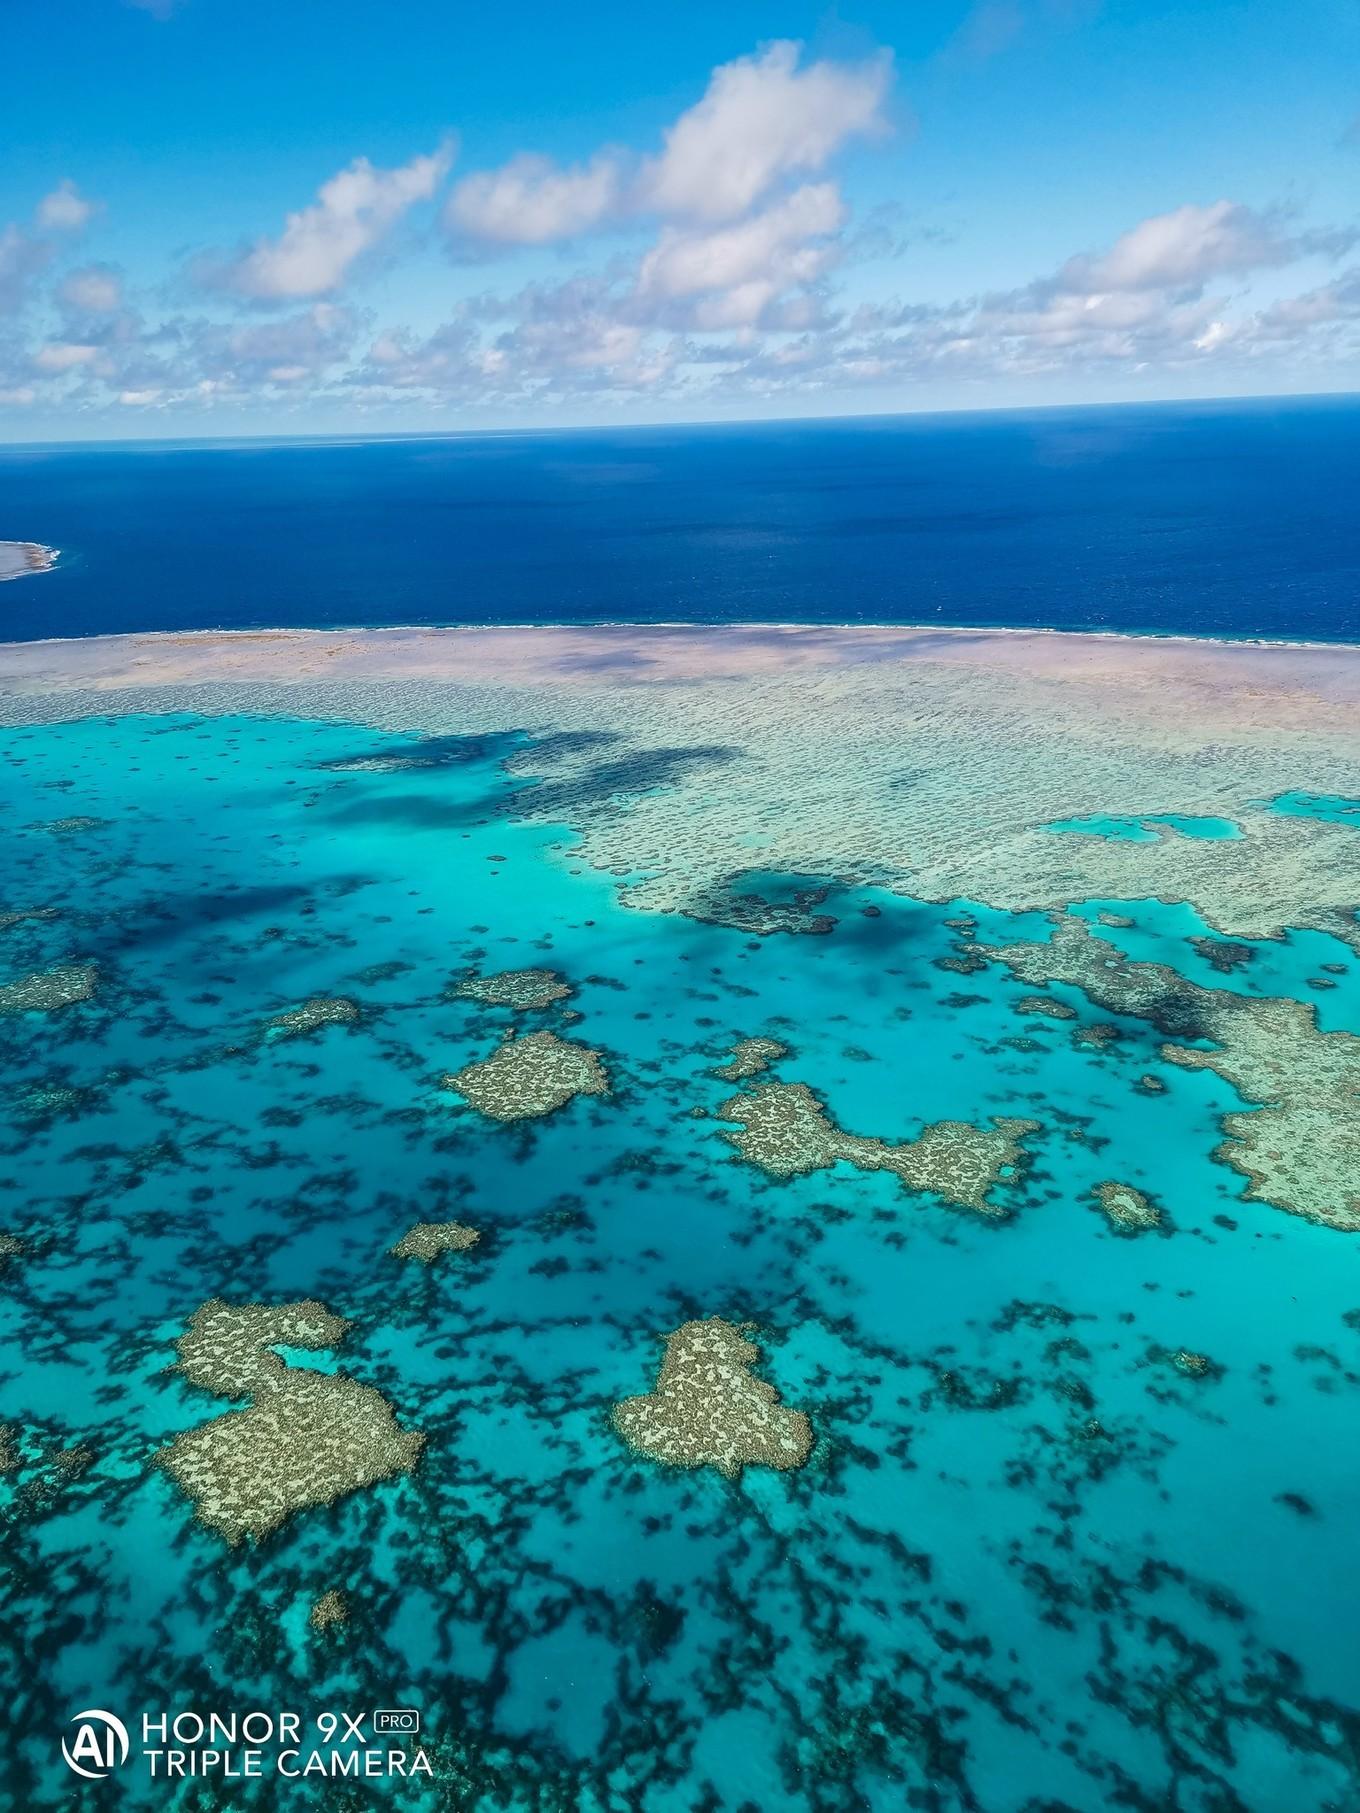 原创              荣耀9X澳洲旅行,不能错过的大堡礁美景